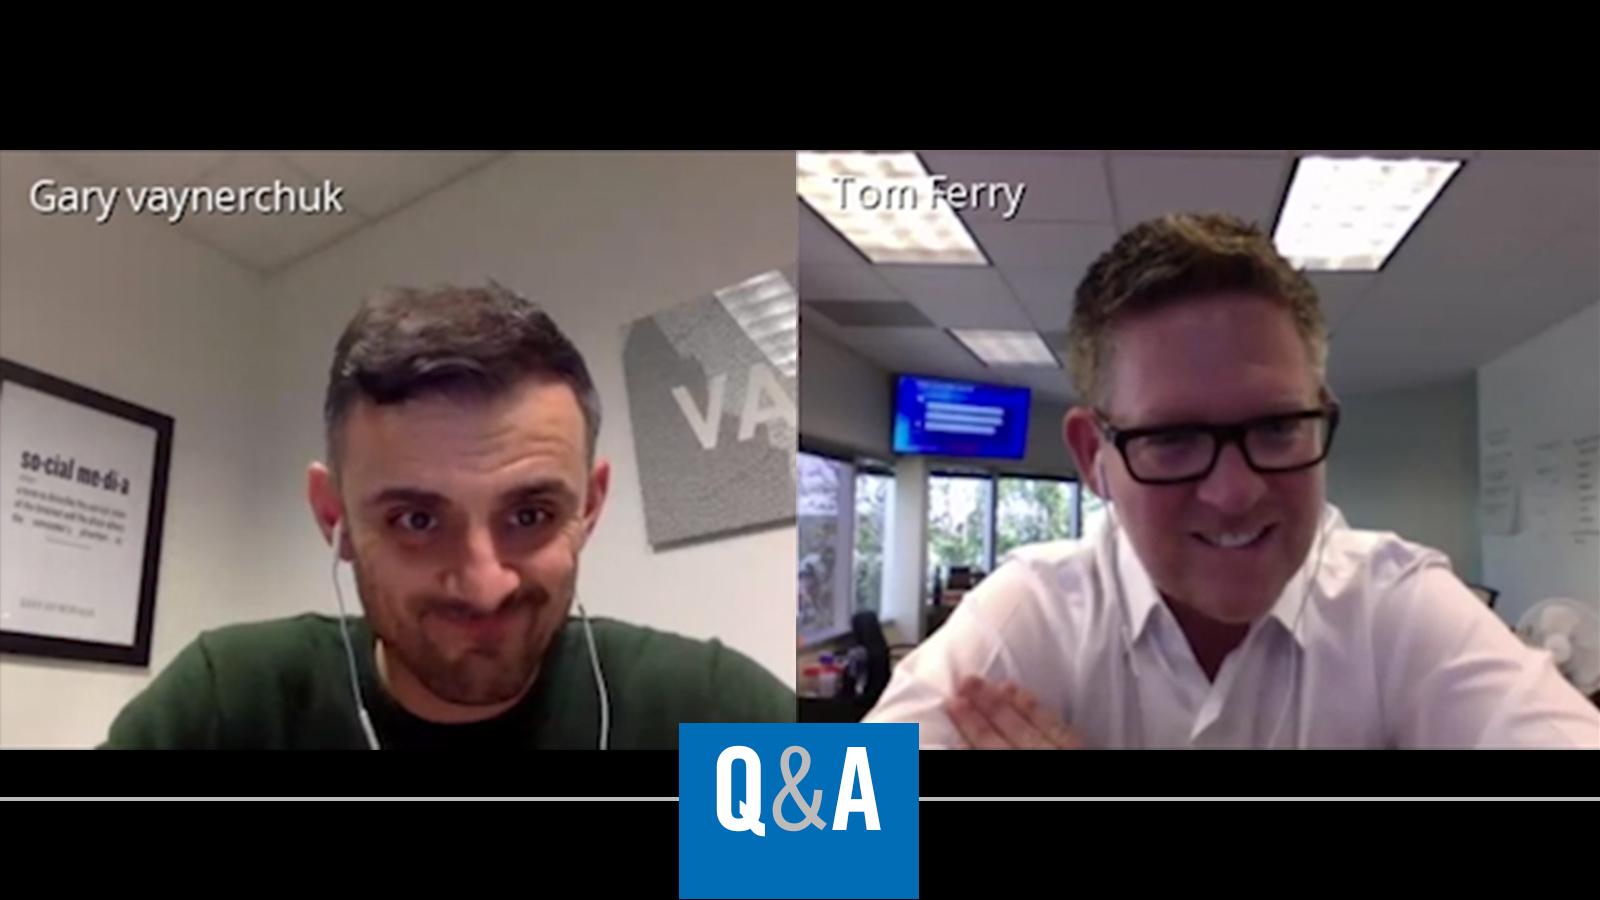 Q&A With Gary Vaynerchuk